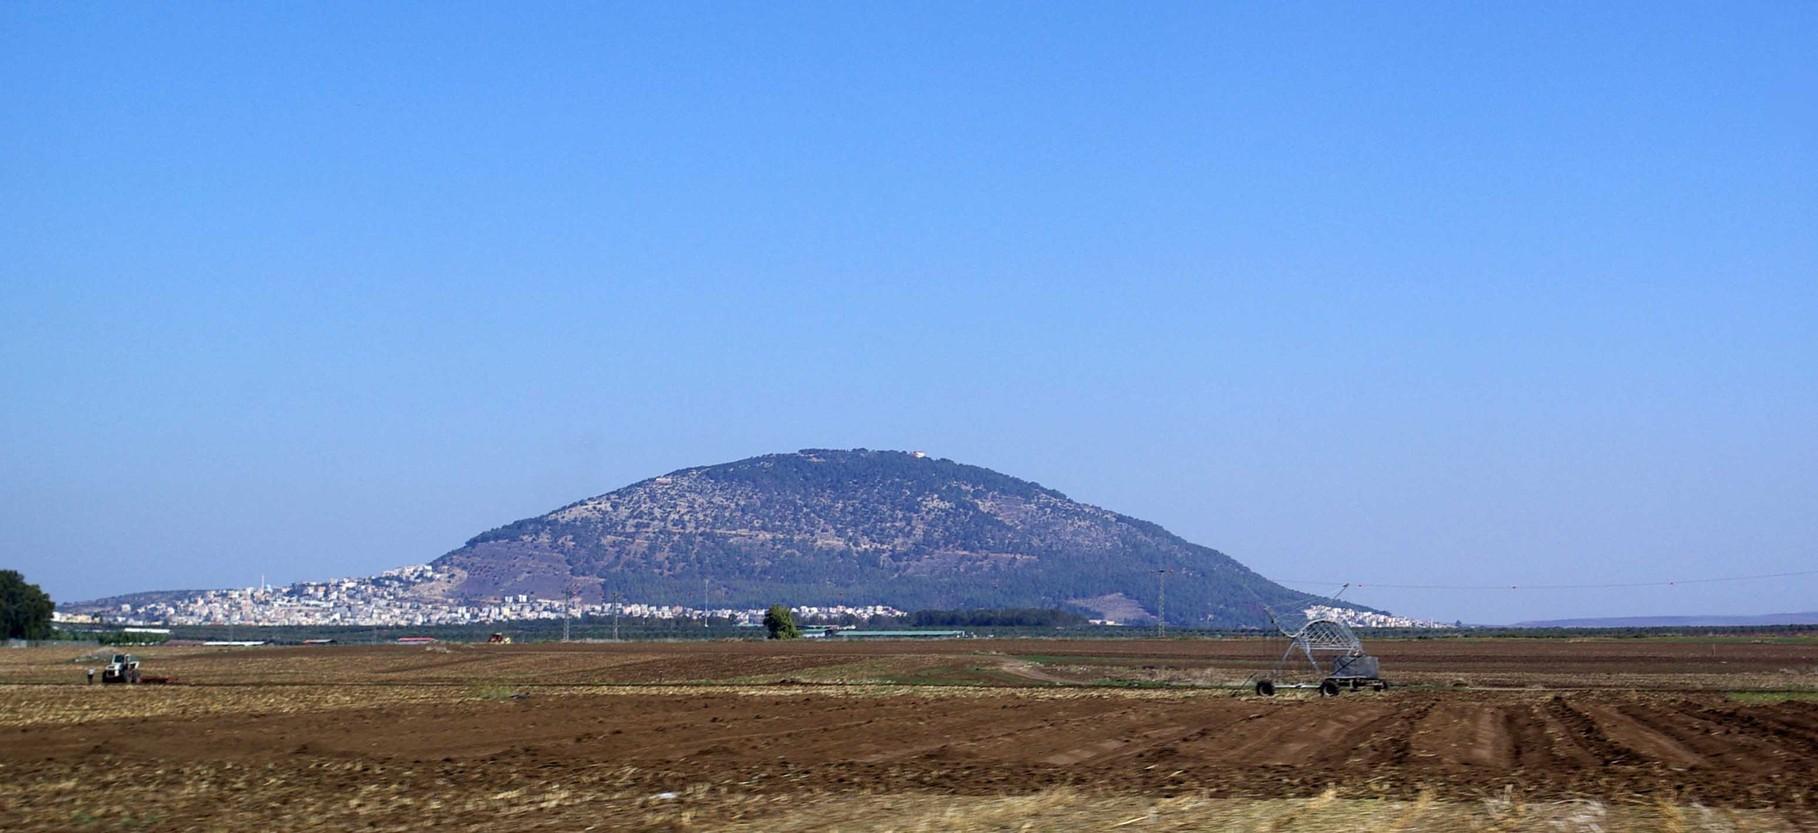 Der Berg Tabor - so wie ich ihn gesehen habe... (Wikipedia Commons)